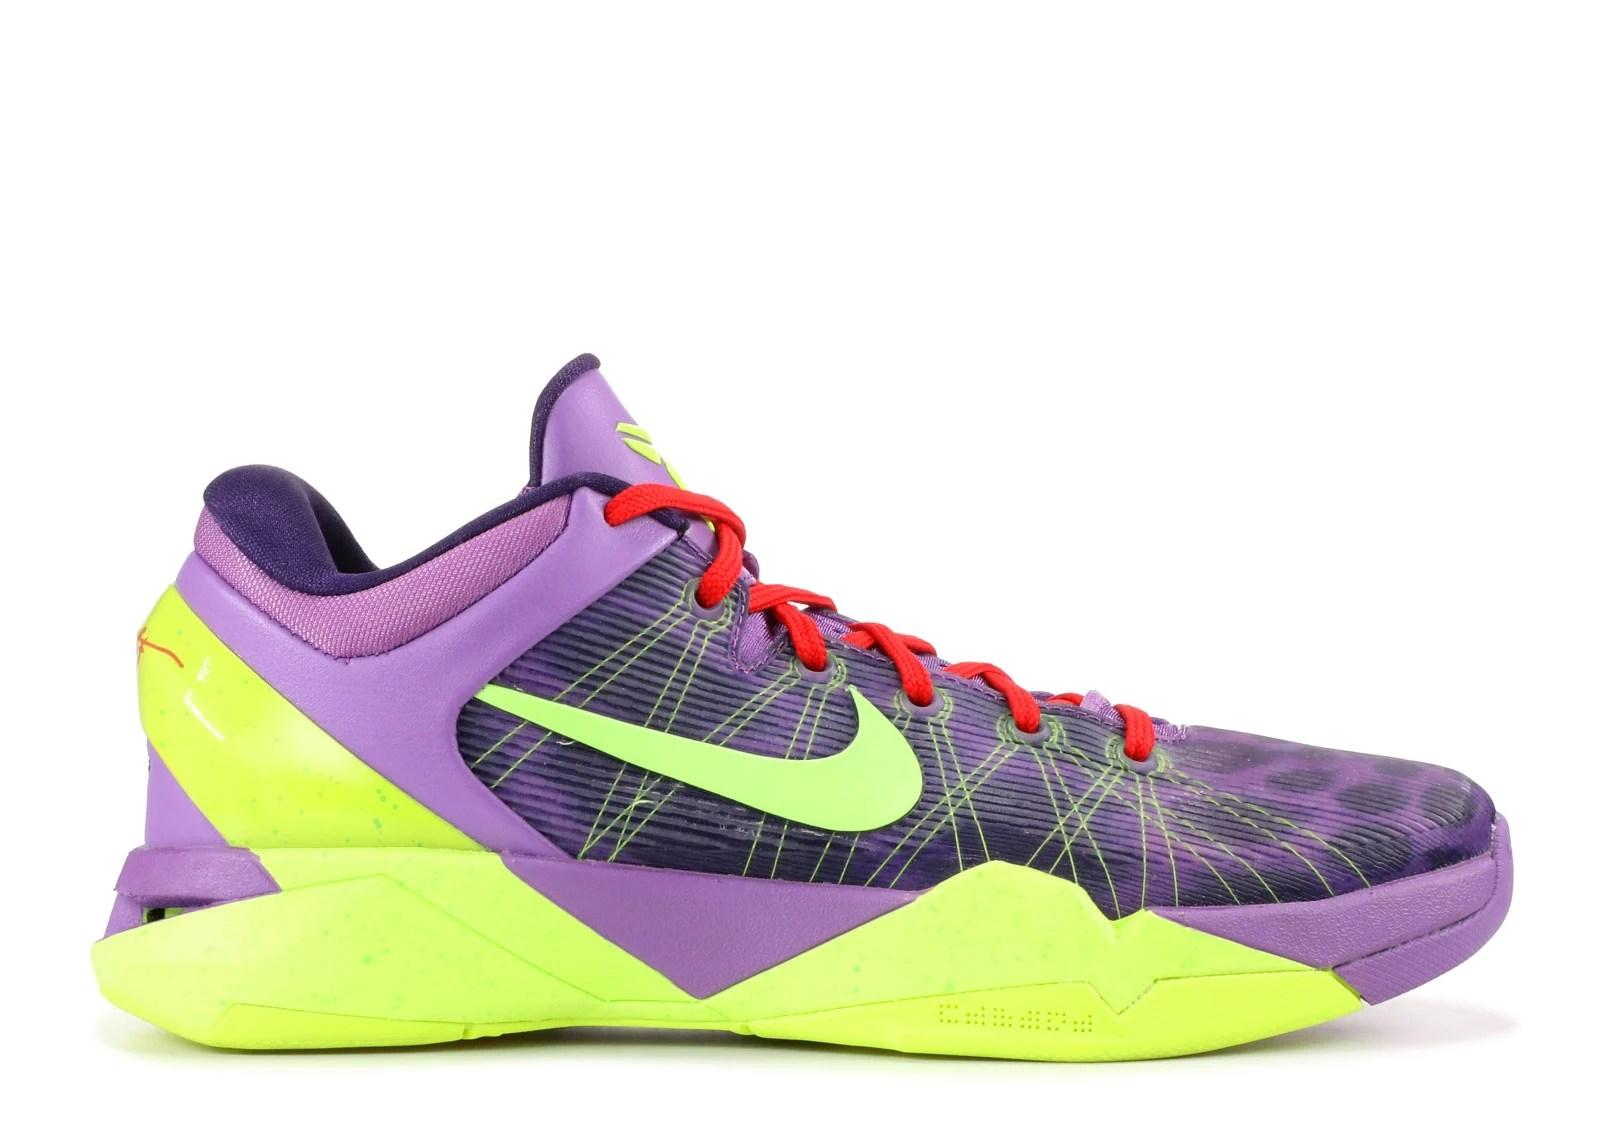 1de594d443e11 What Pros Wear  Paul George s Nike Zoom Kobe 7 Shoes - What Pros Wear